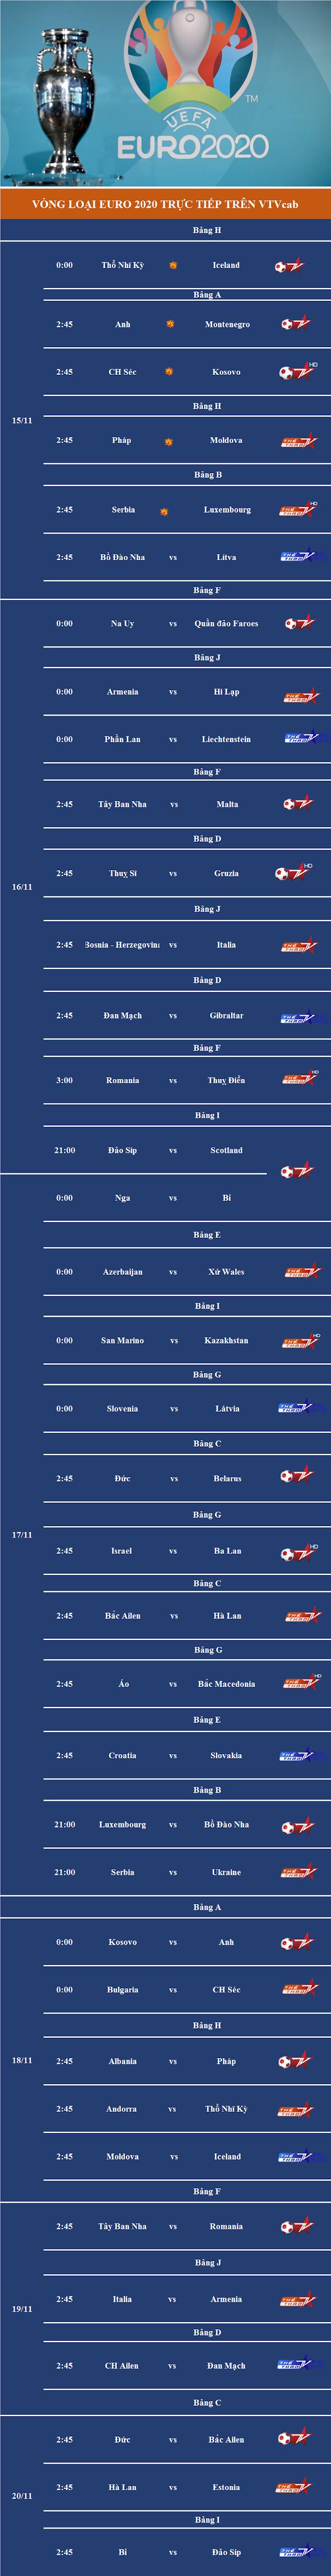 Trực tiếp vòng loại EURO 2020 trên VTVcab